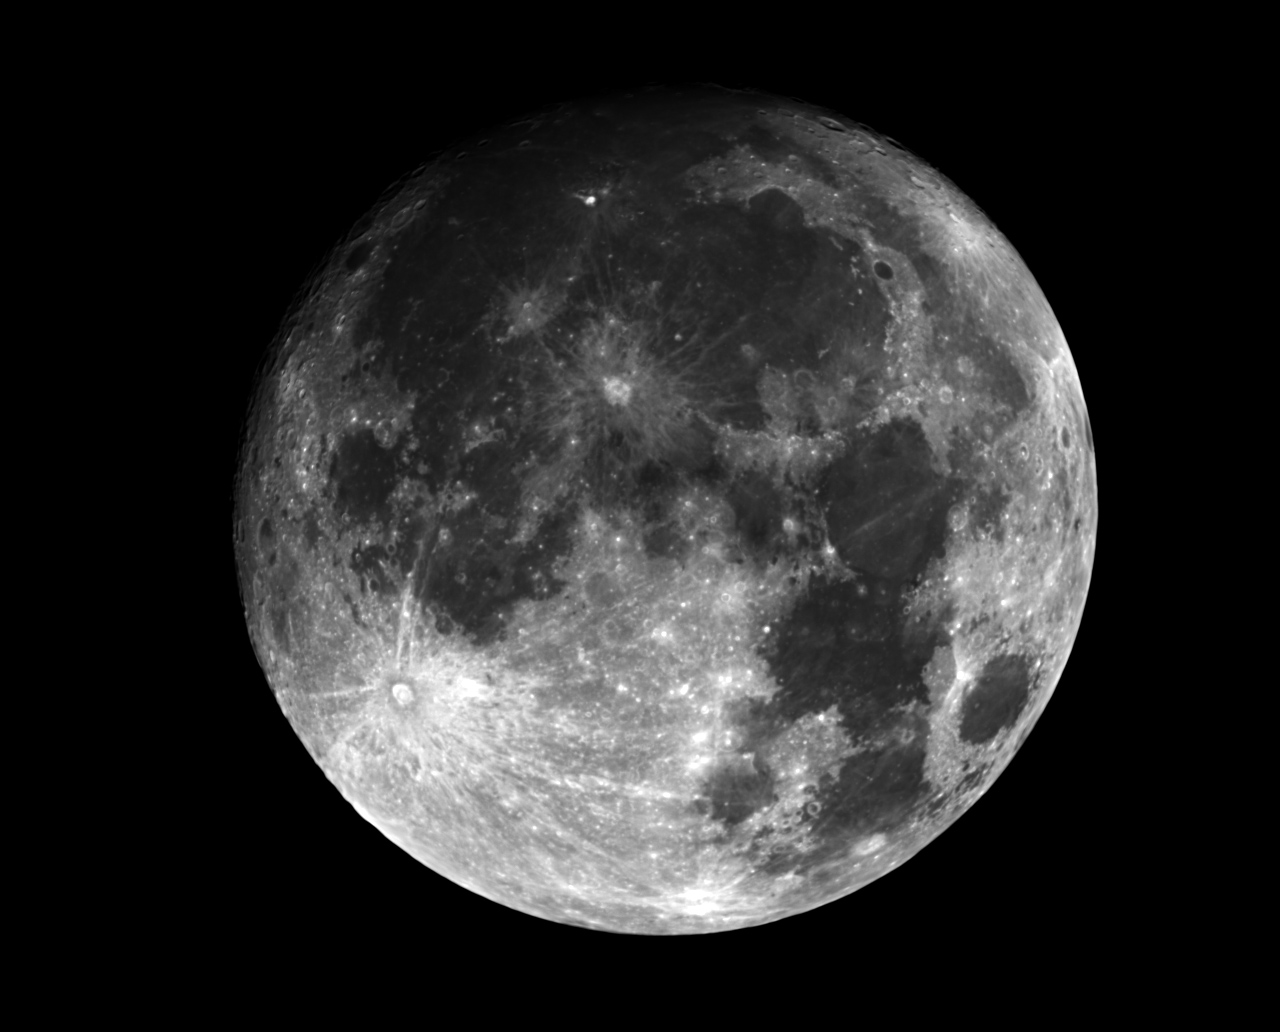 Moon_2019_12_10_3.jpg